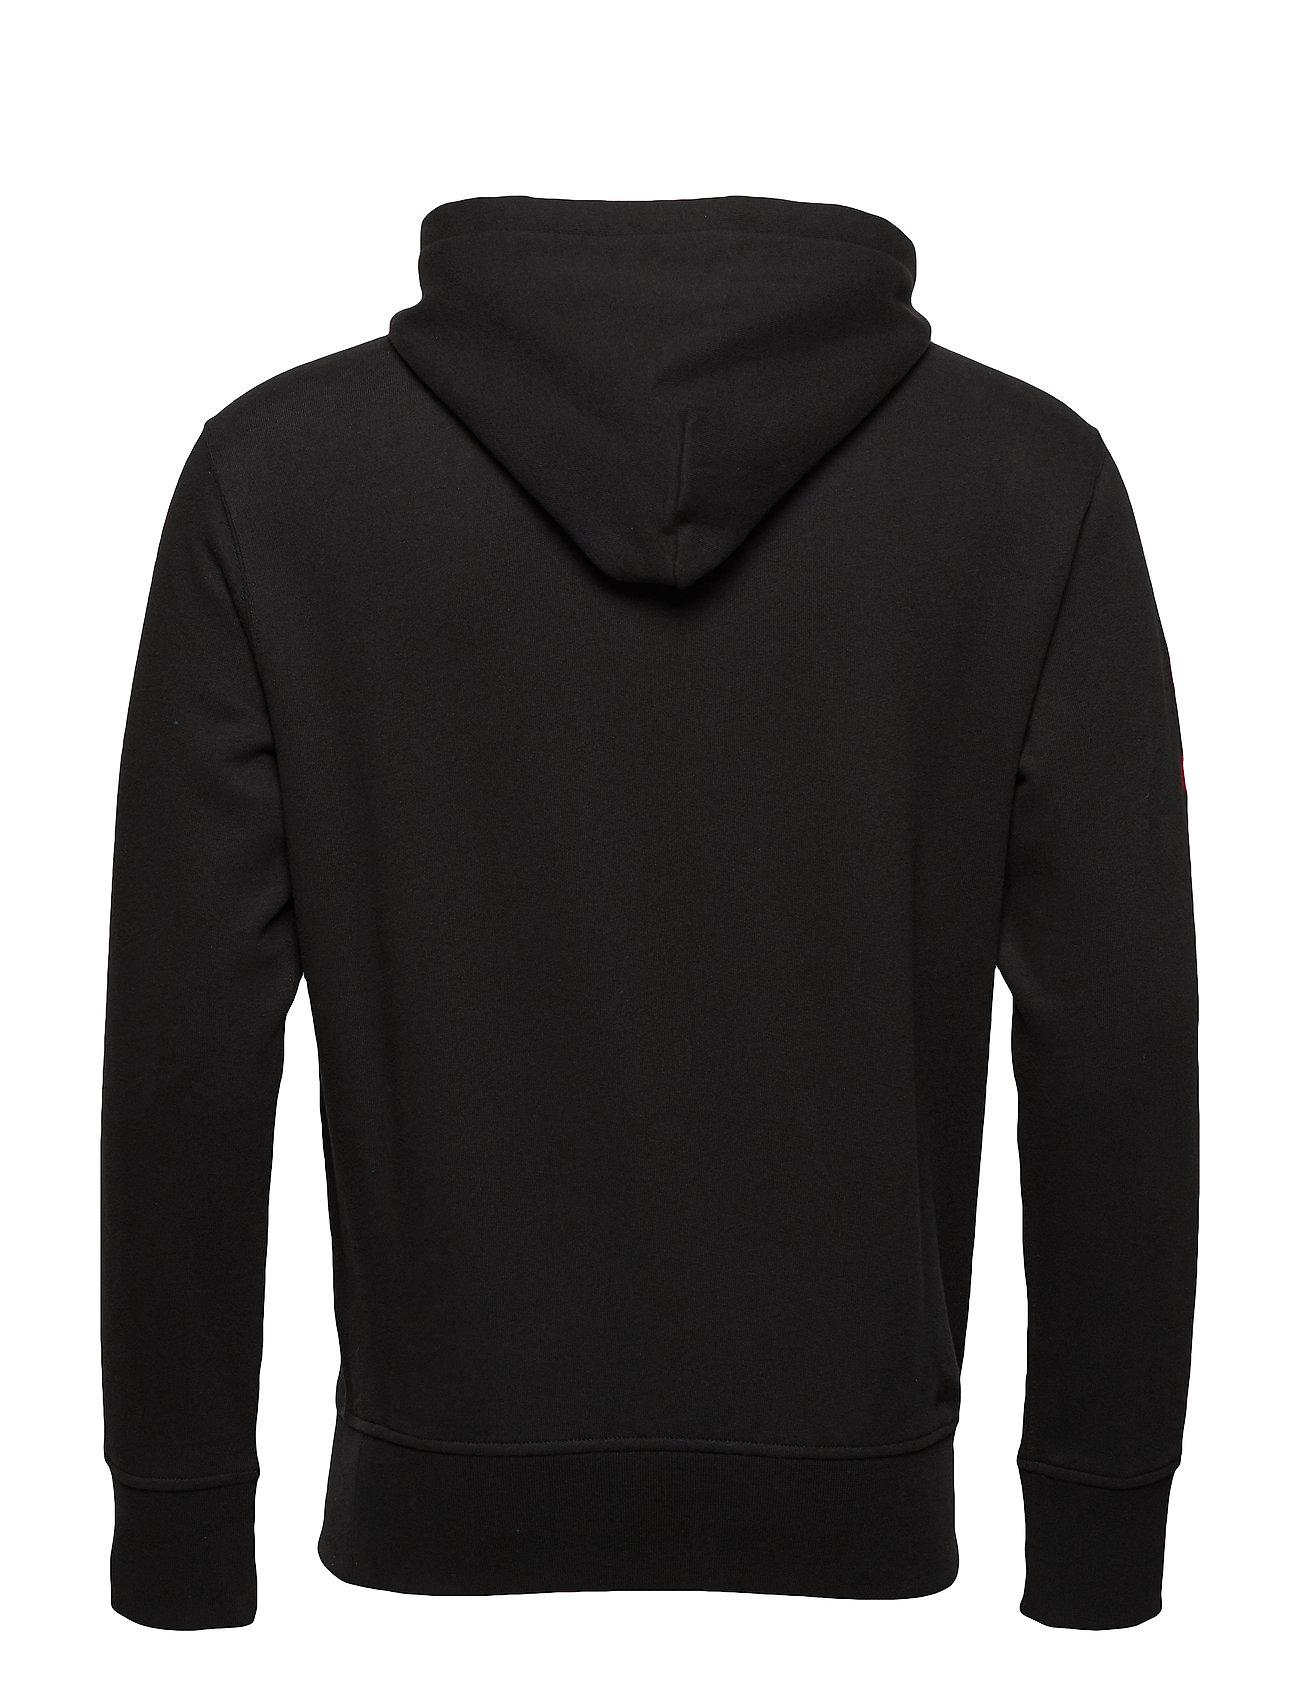 long Lspohoodm1 knitpolo Ralph Lauren Sleeve BlackPolo lJFc3TK1